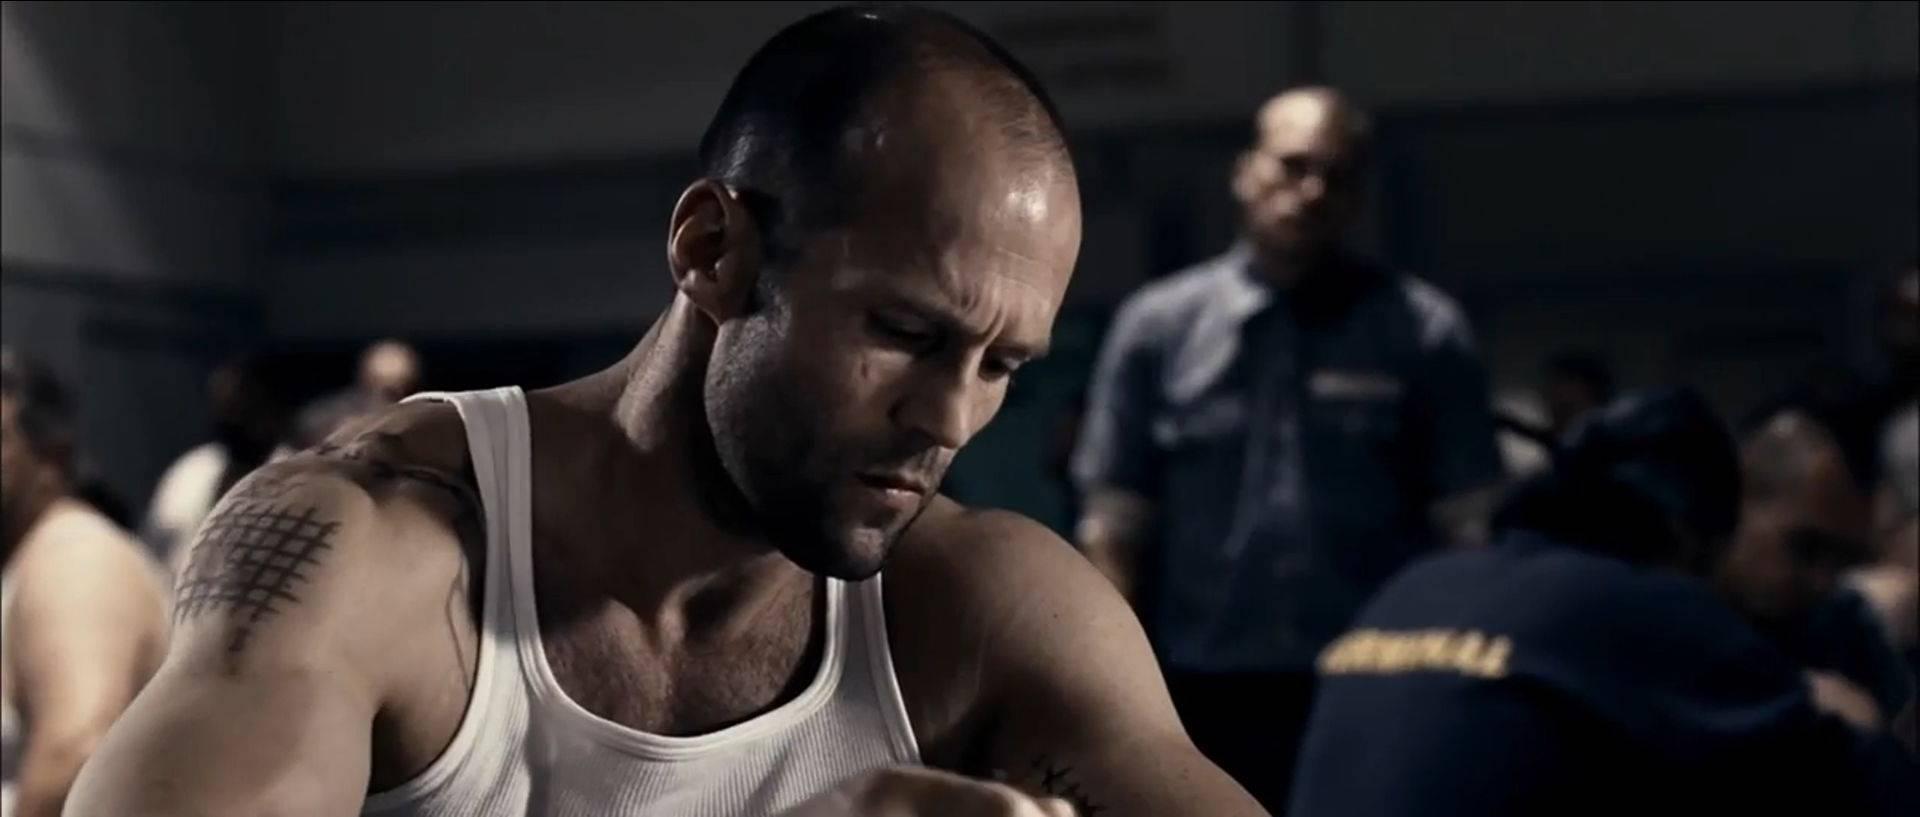 смотреть онлайн фильмы смертельная гонка